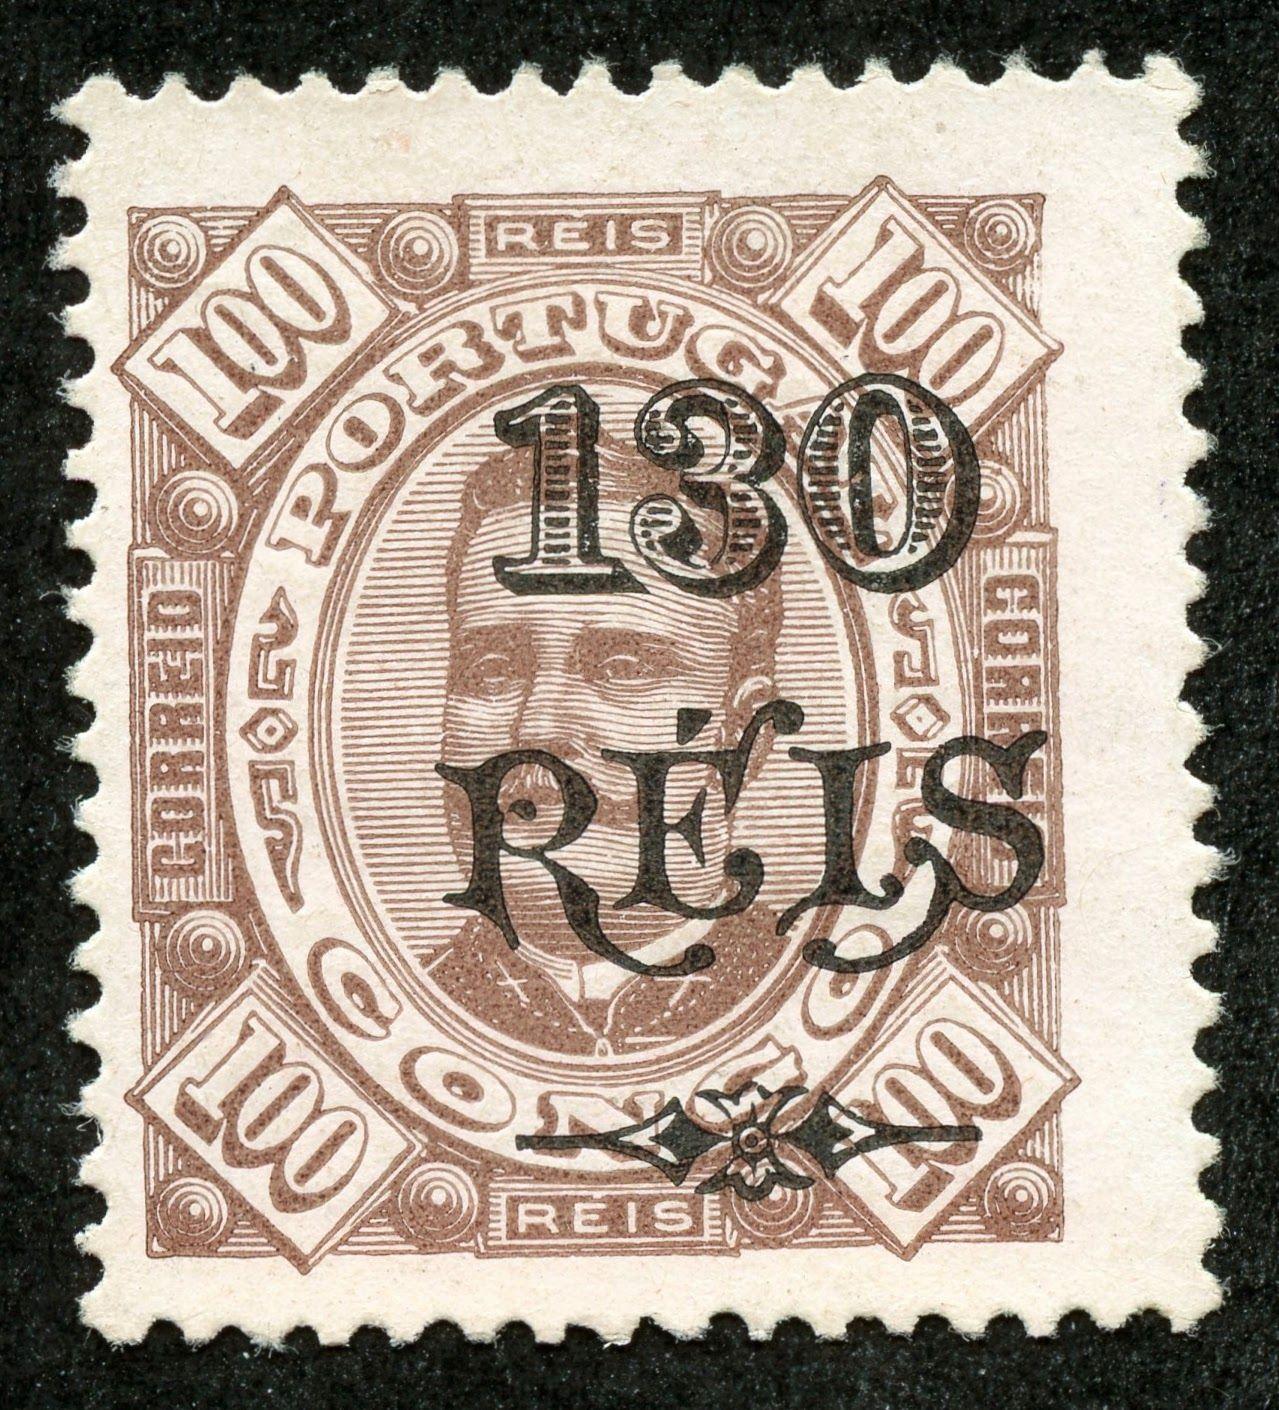 Congo, Brazzaville, Stamp